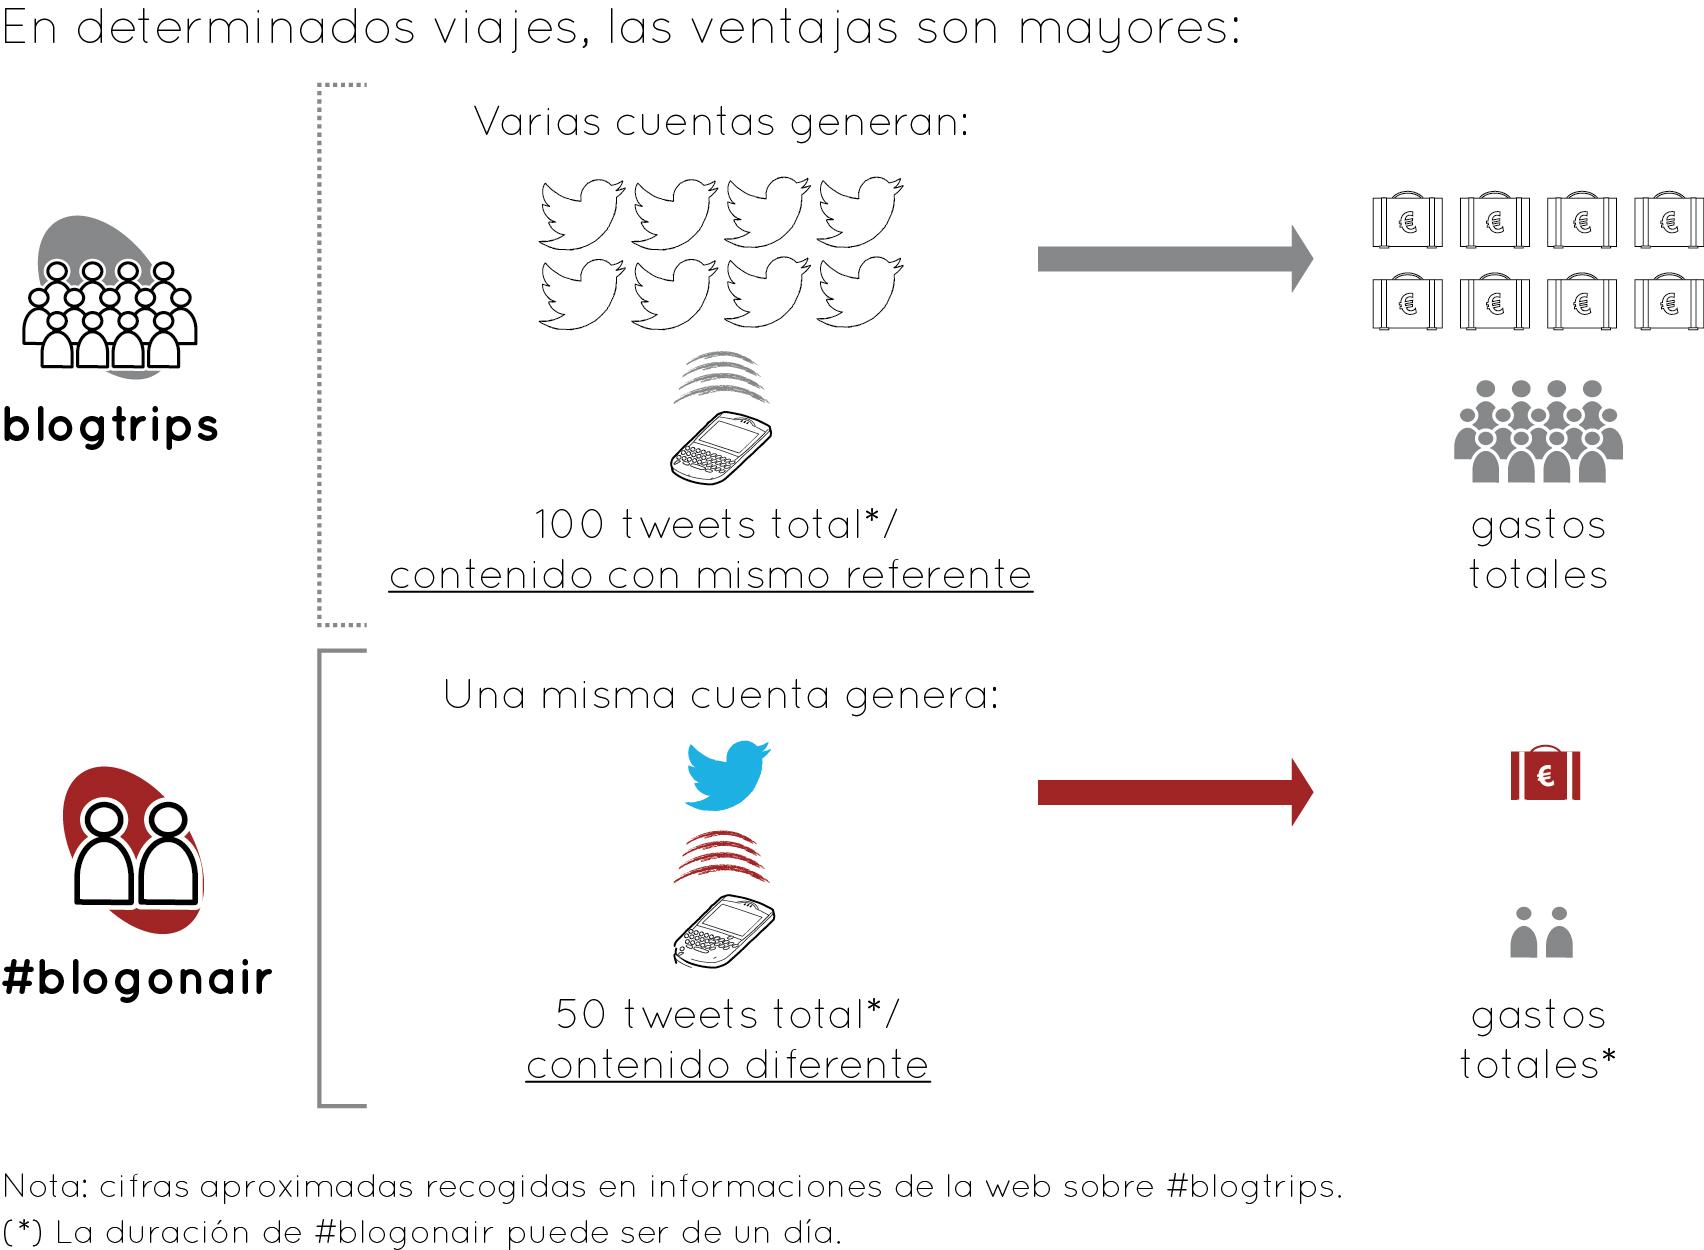 #blogonair imagen